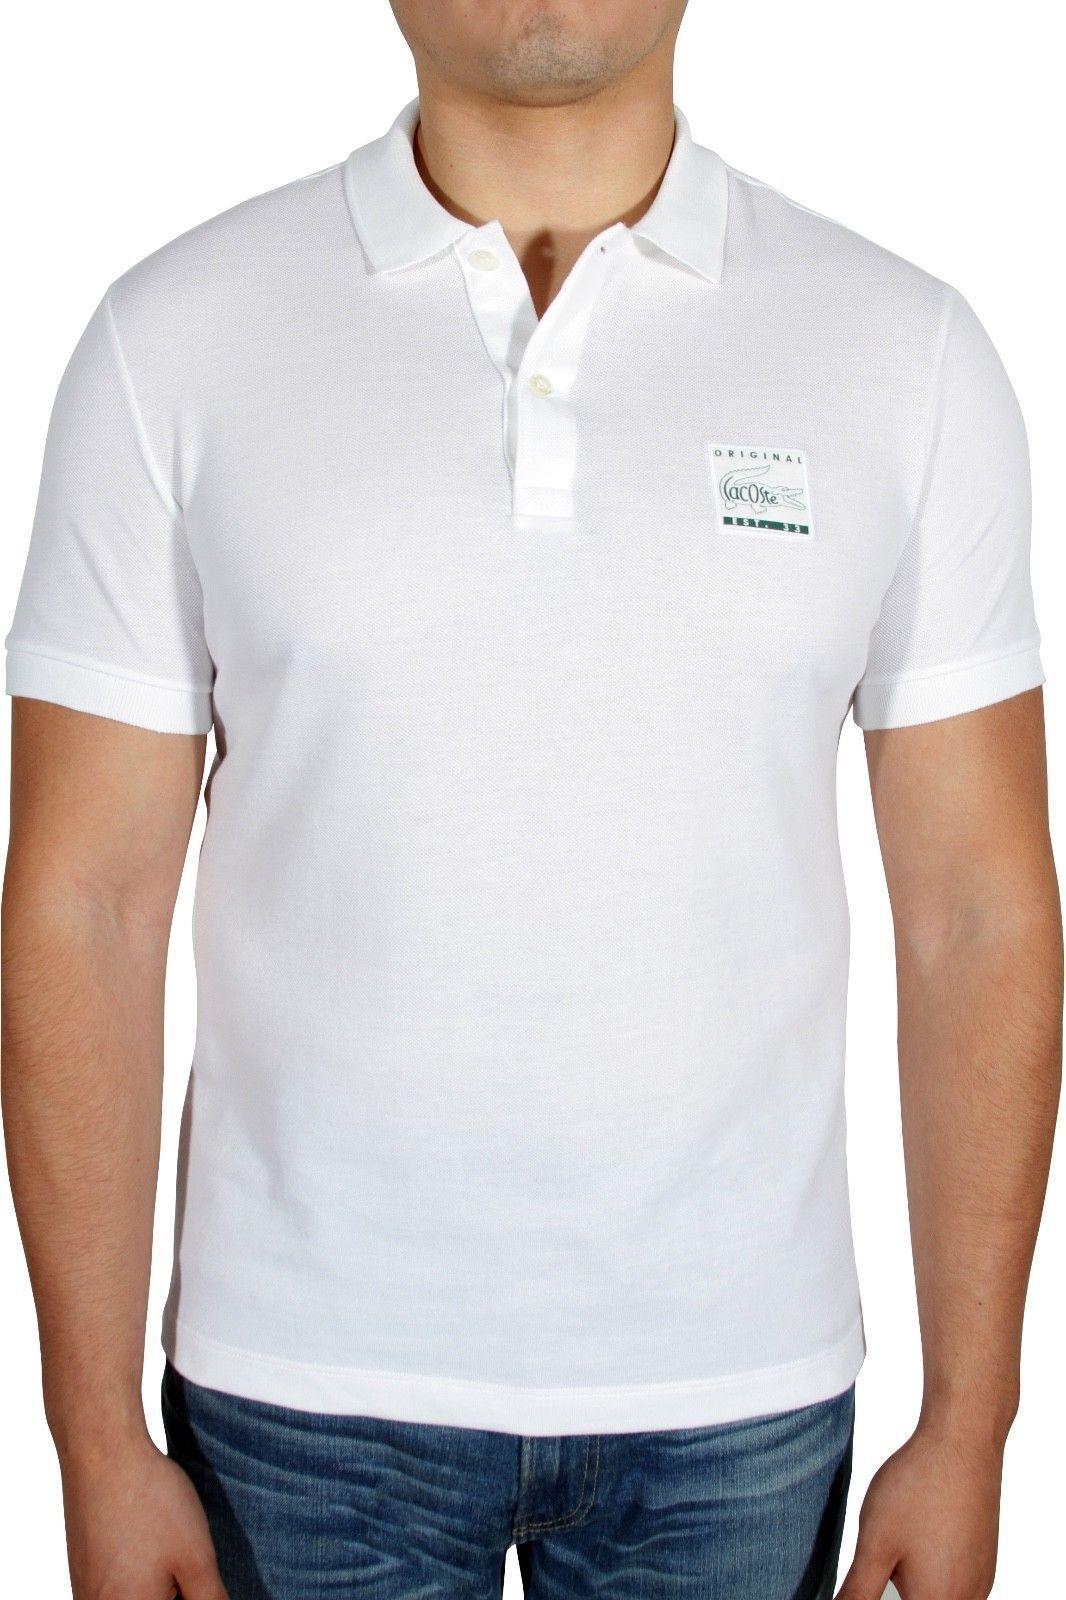 Nuevo Con  Etiquetas Para Hombre Lacoste Regular Fit Parche Algodón Petit Piqué Polo PH7161 blancoo  bienvenido a orden